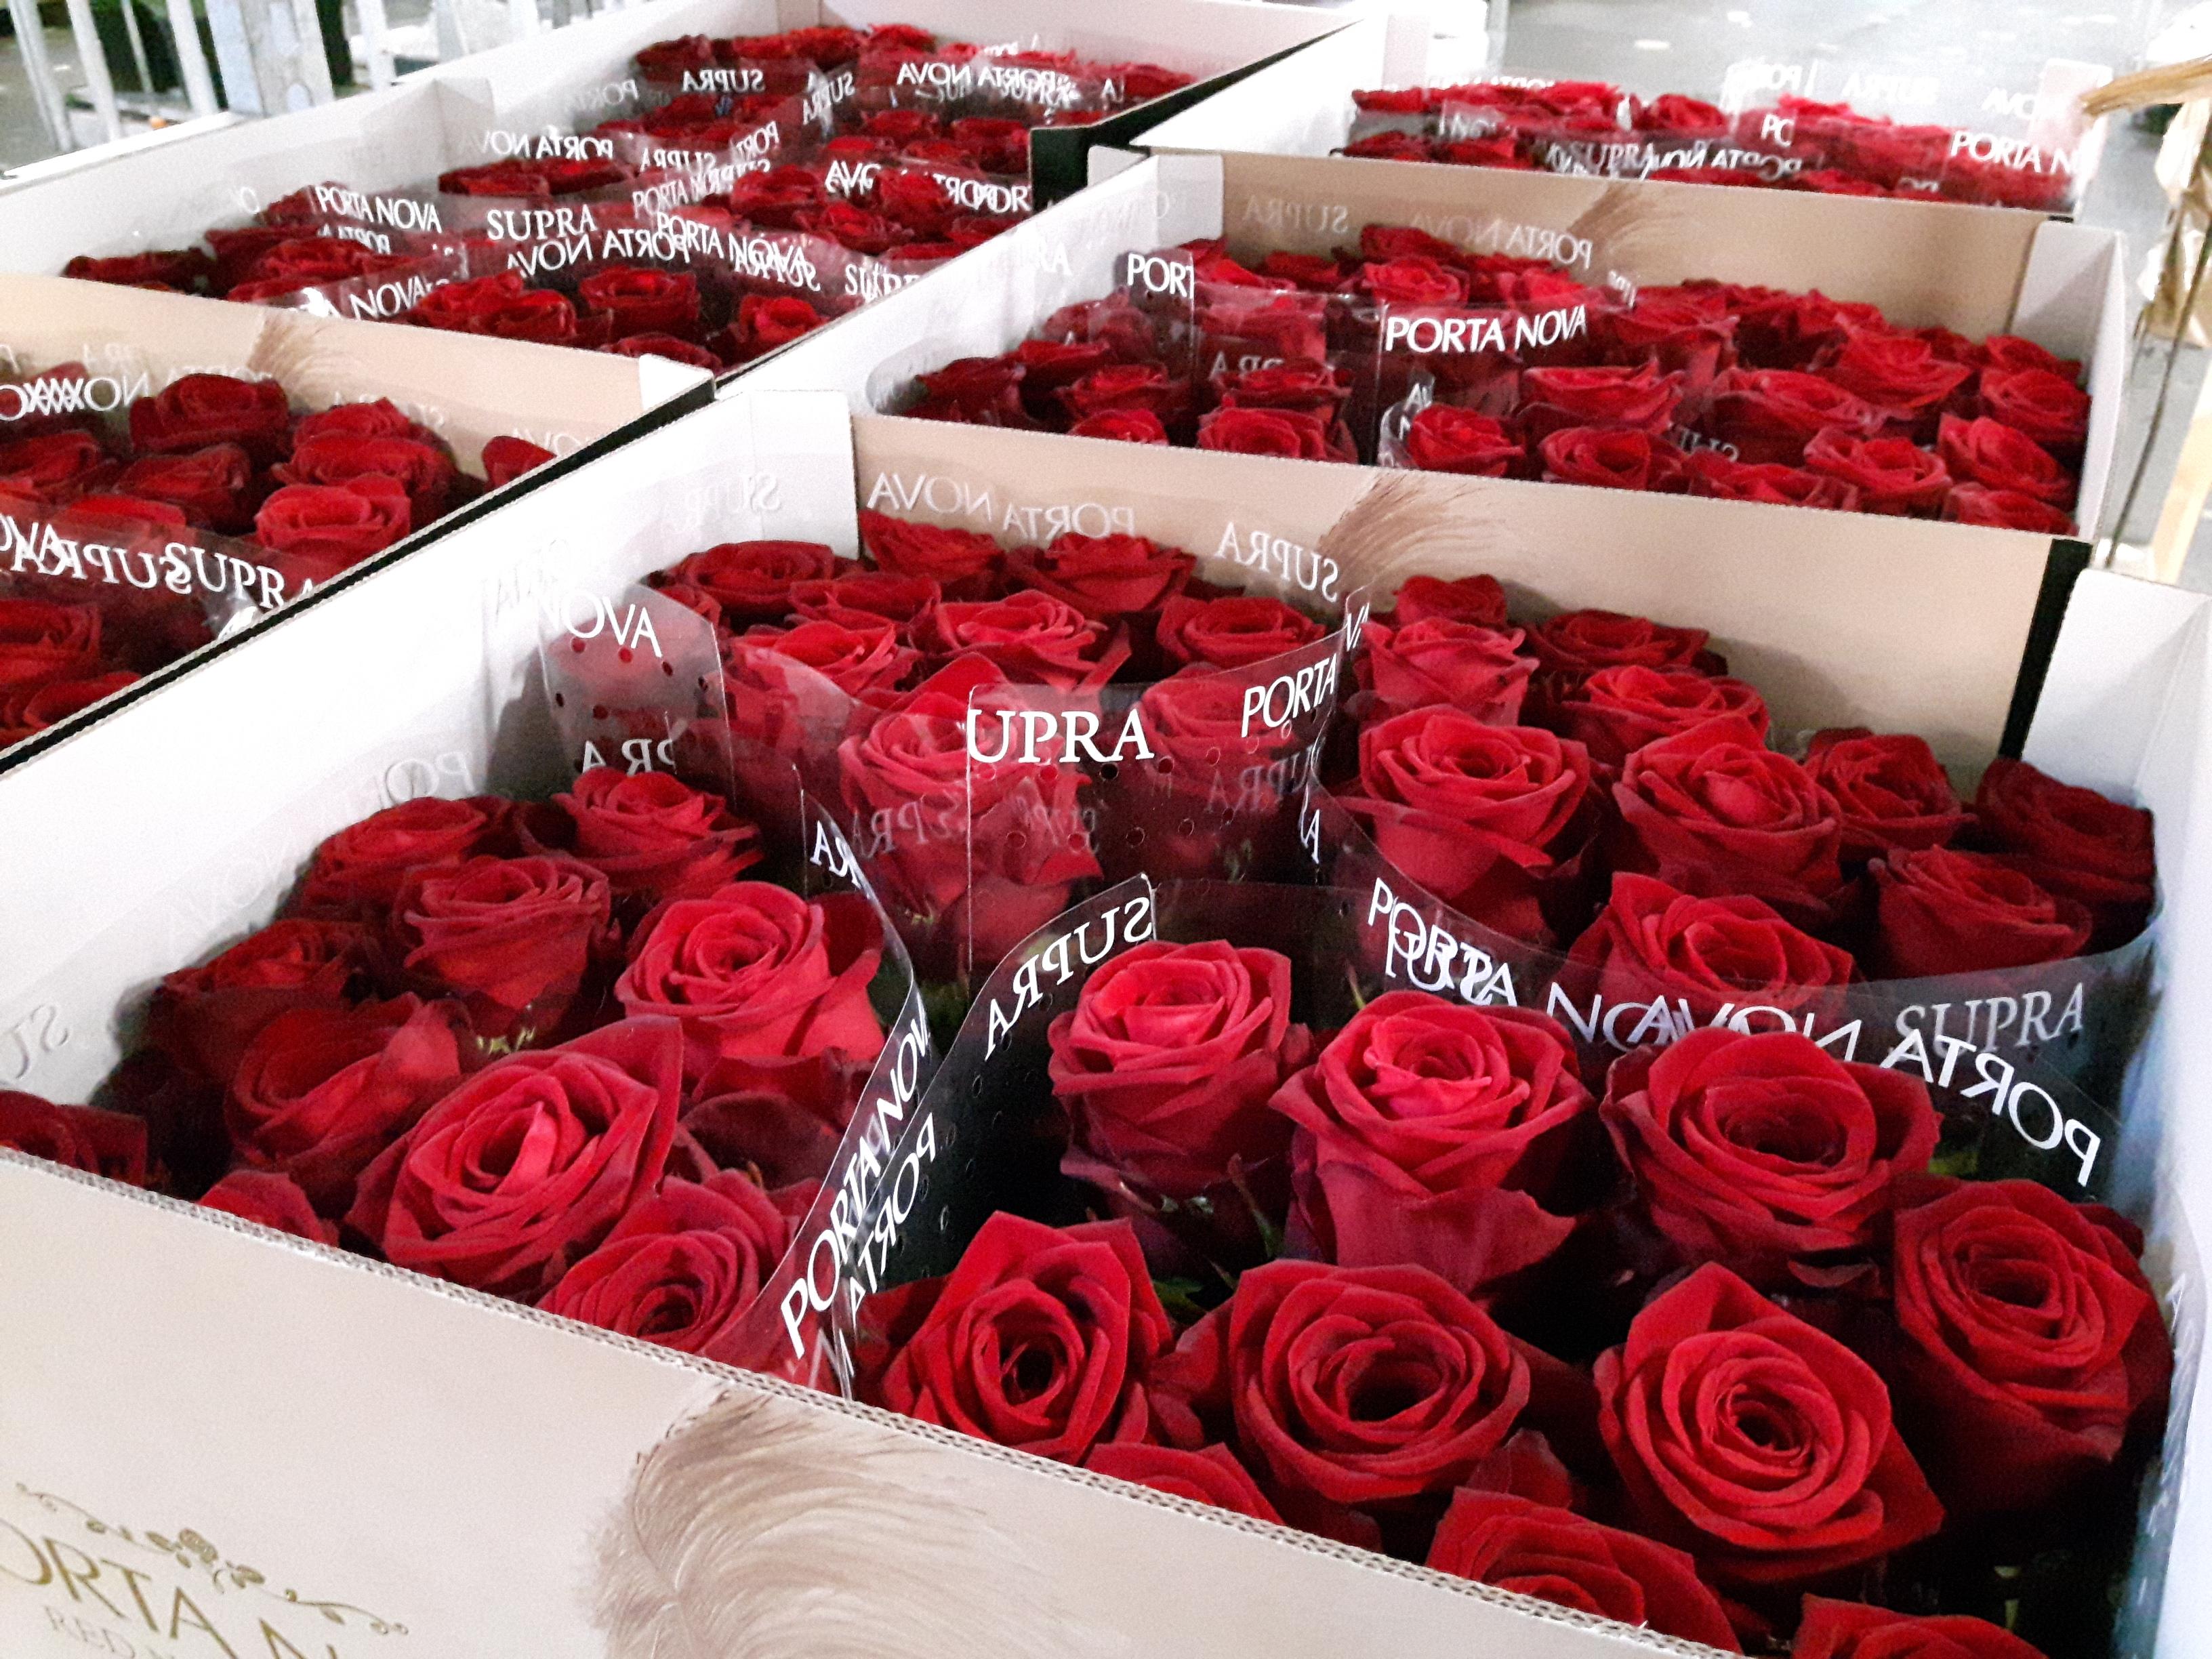 Porta Nova Supra roses